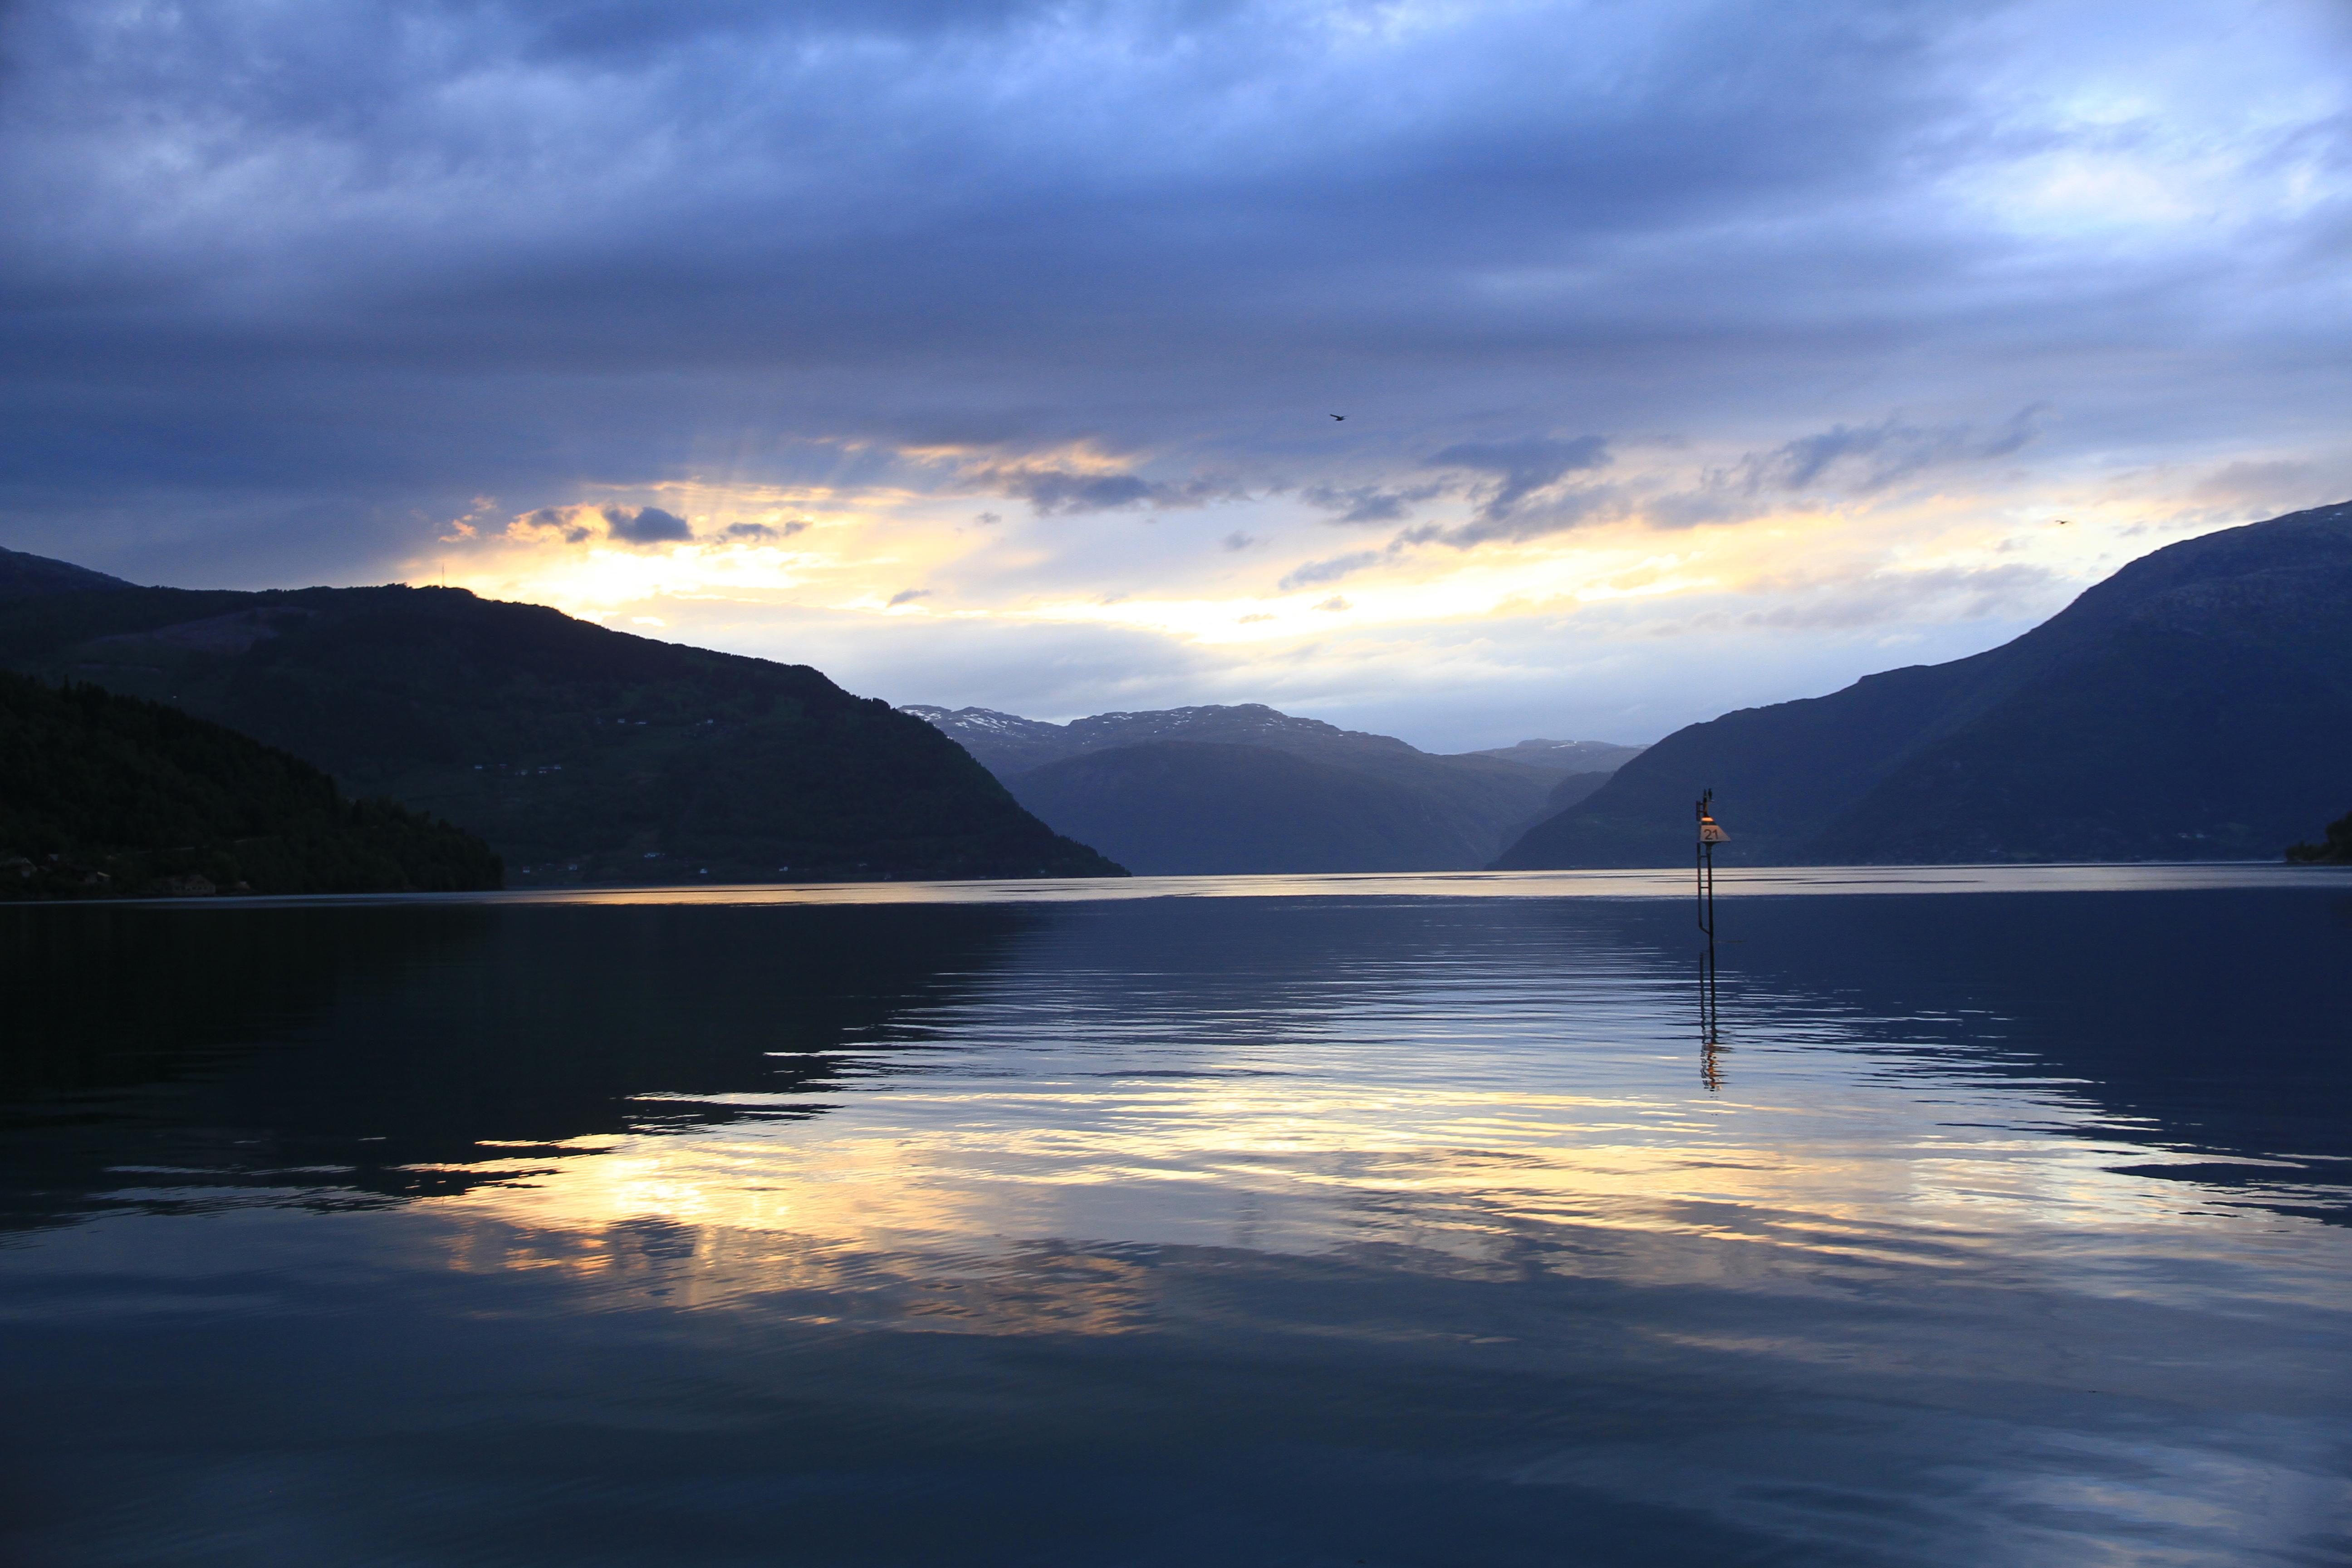 116、挪威松恩峡湾:日落景色